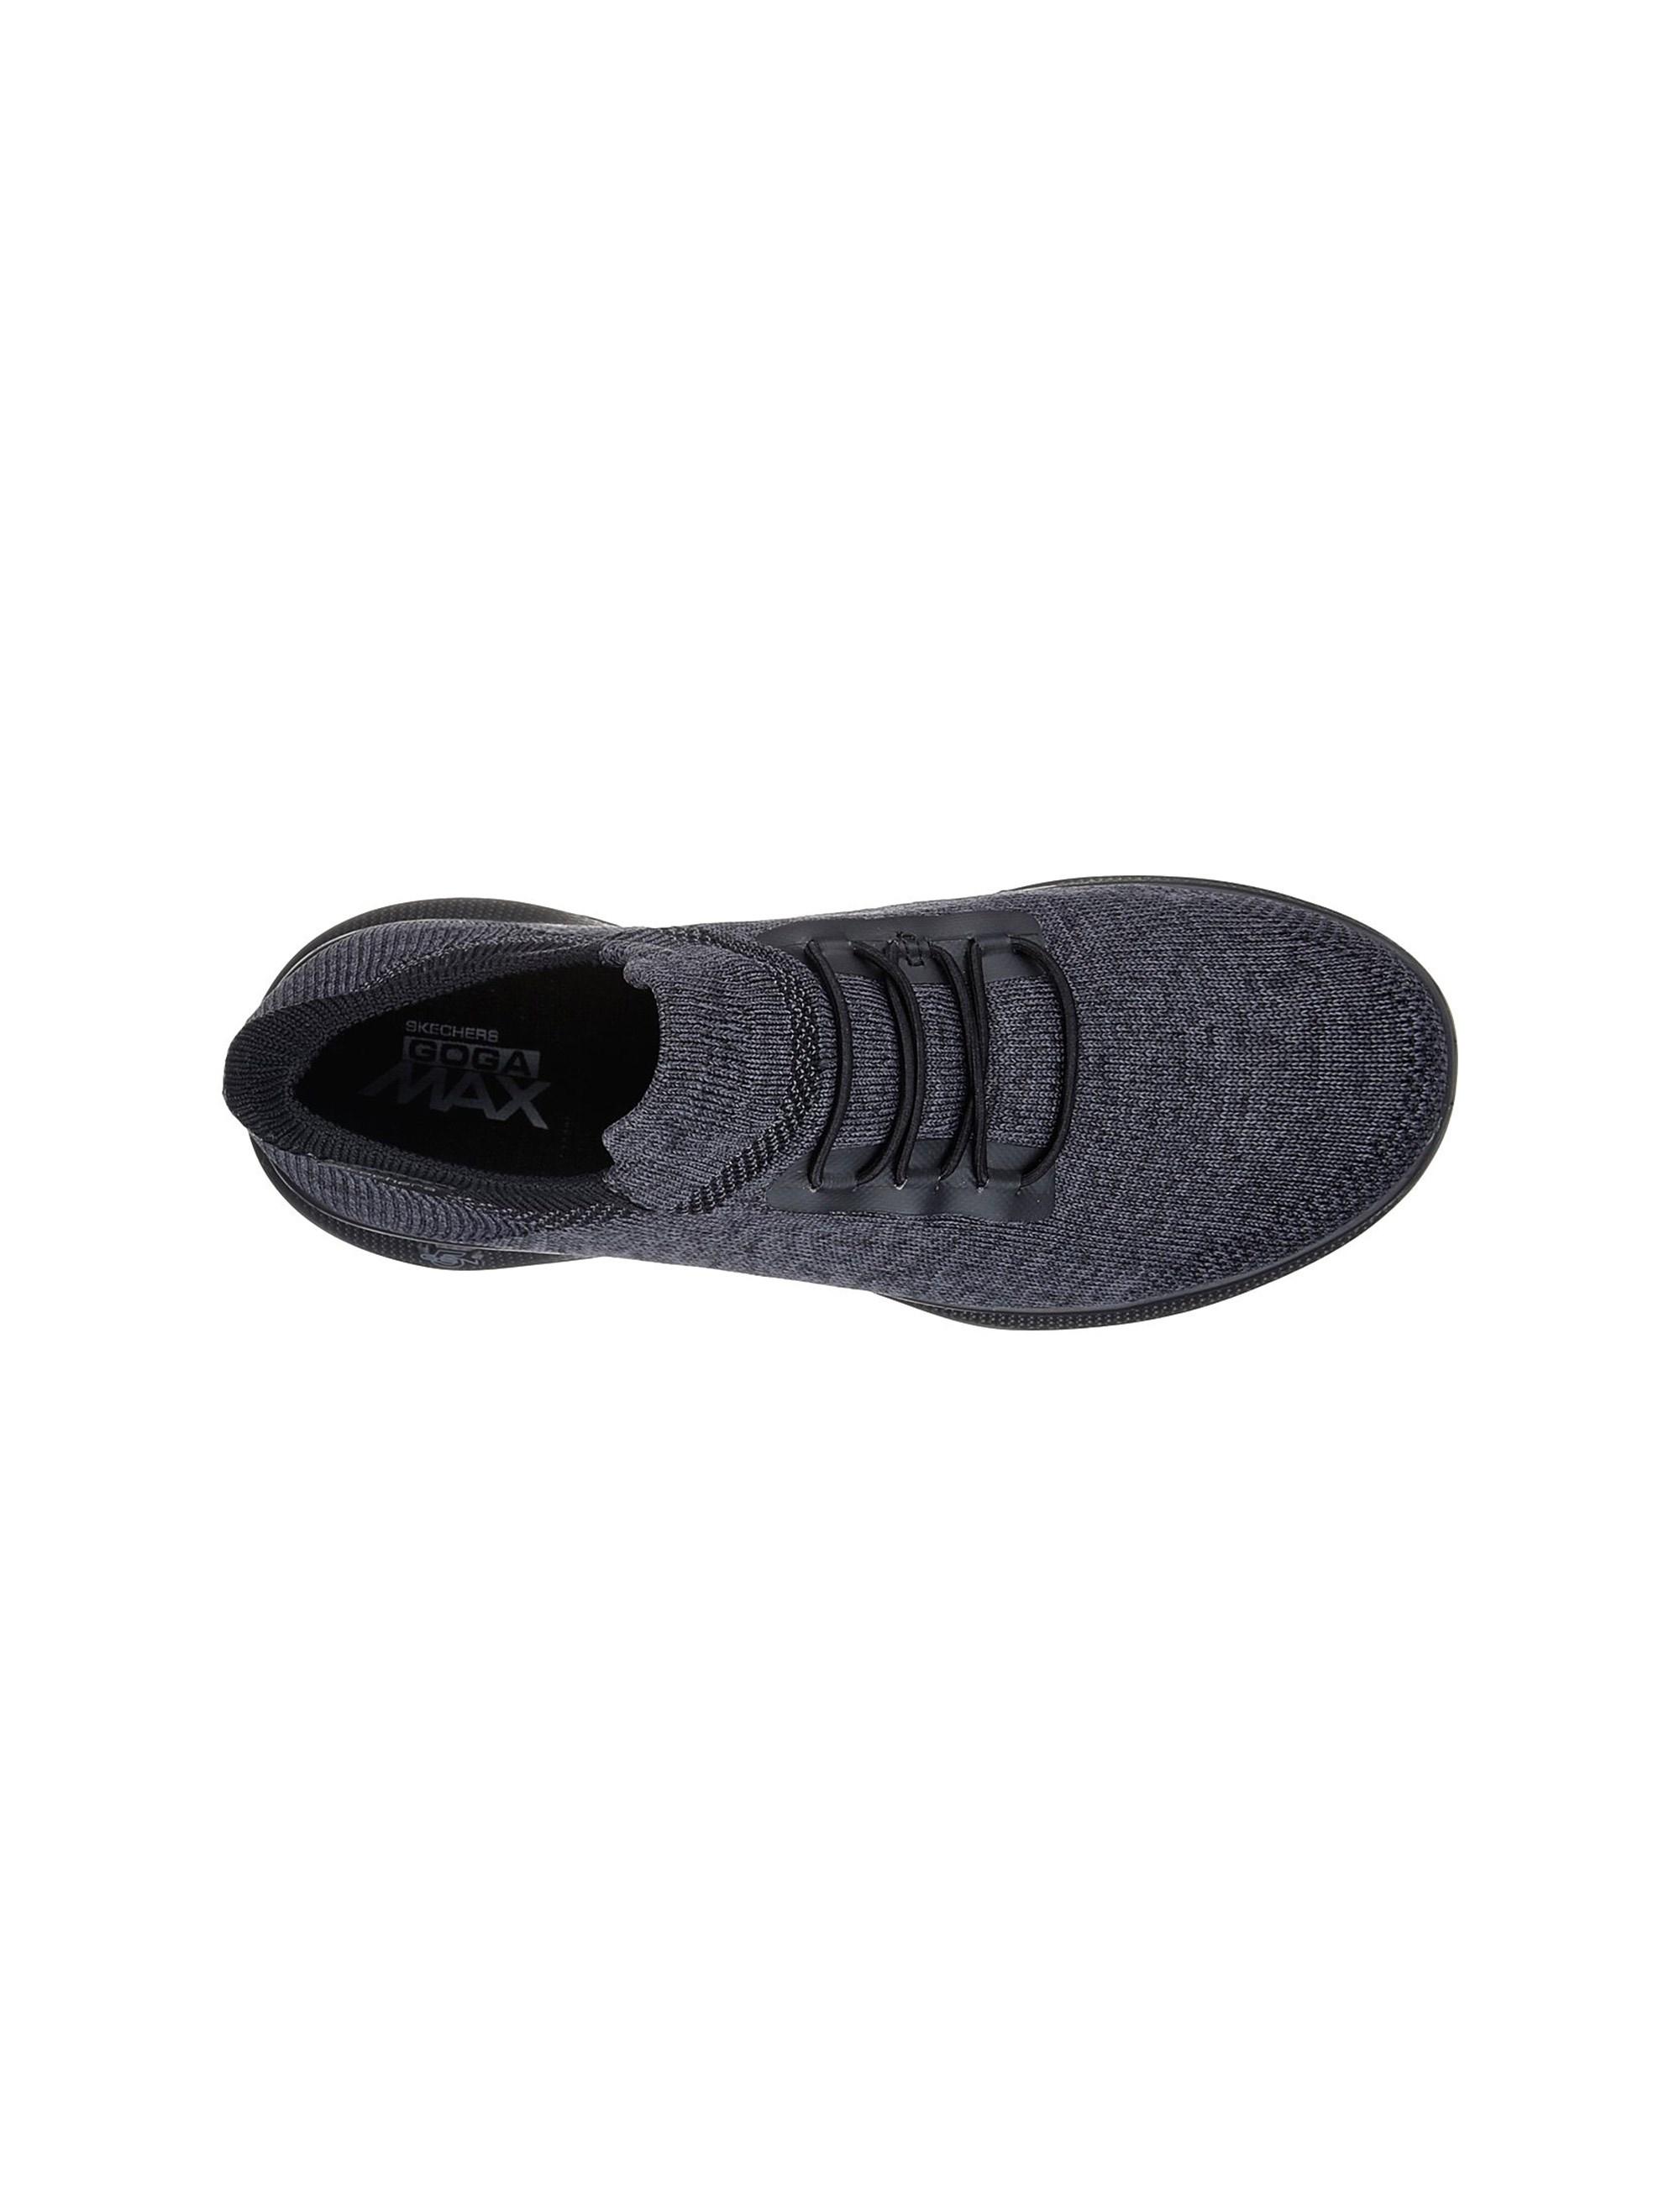 کفش پیاده روی بندی زنانه GO STEP Lite Effortless - اسکچرز